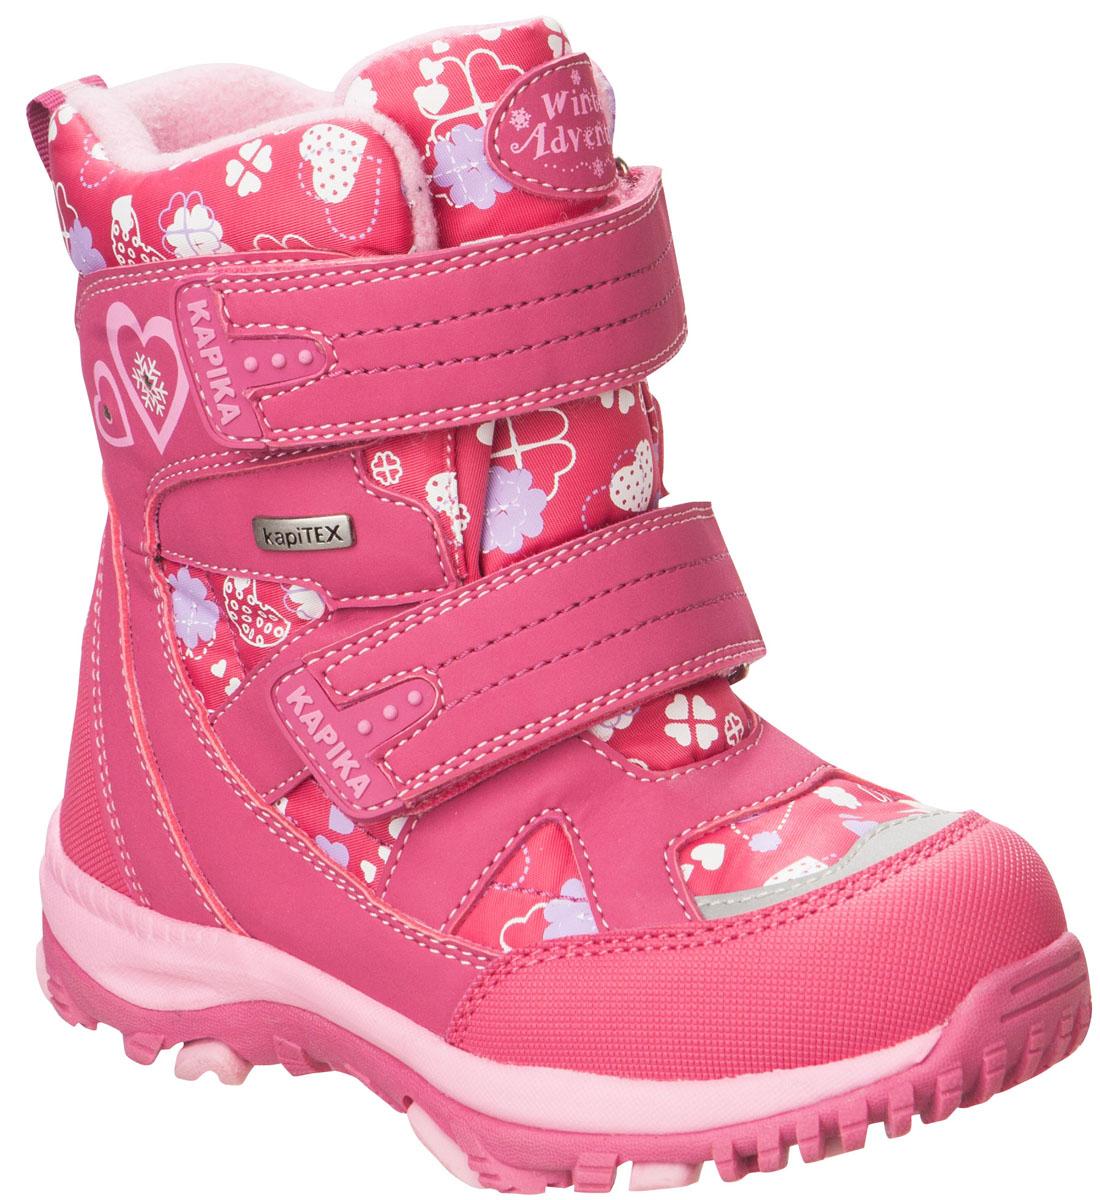 41181-1Легкие, удобные и теплые ботинки от Kapika выполнены из мембранных материалов и искусственной кожи. Два ремешка на застежках-липучках надежно фиксируют изделие на ноге. Мягкая подкладка и стелька из шерсти обеспечивают тепло, циркуляцию воздуха и сохраняют комфортный микроклимат в обуви. Подошва с протектором гарантирует идеальное сцепление с любыми поверхностями. Идеальная зимняя обувь для активных детей. Модель большемерит на 1 размер.